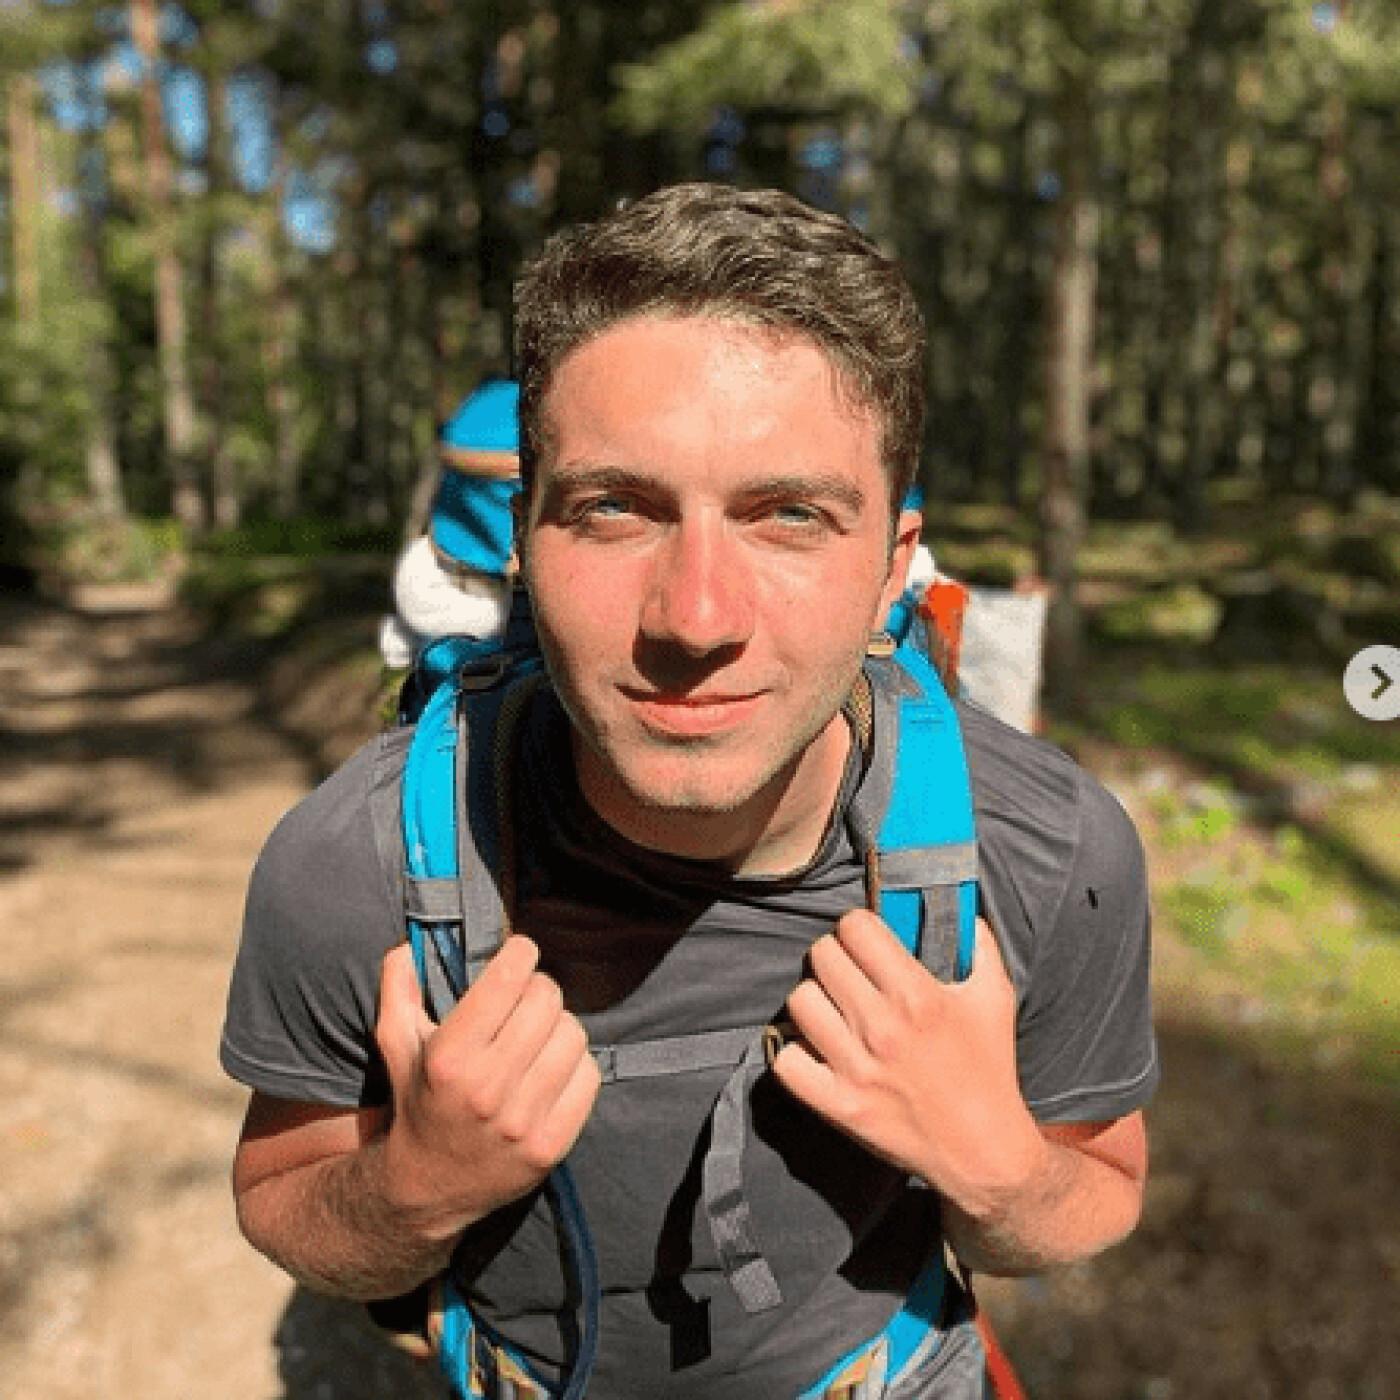 Thomas, explorateur de 22 ans, veut découvrir le monde - 30 03 2021 - StereoChic Radio